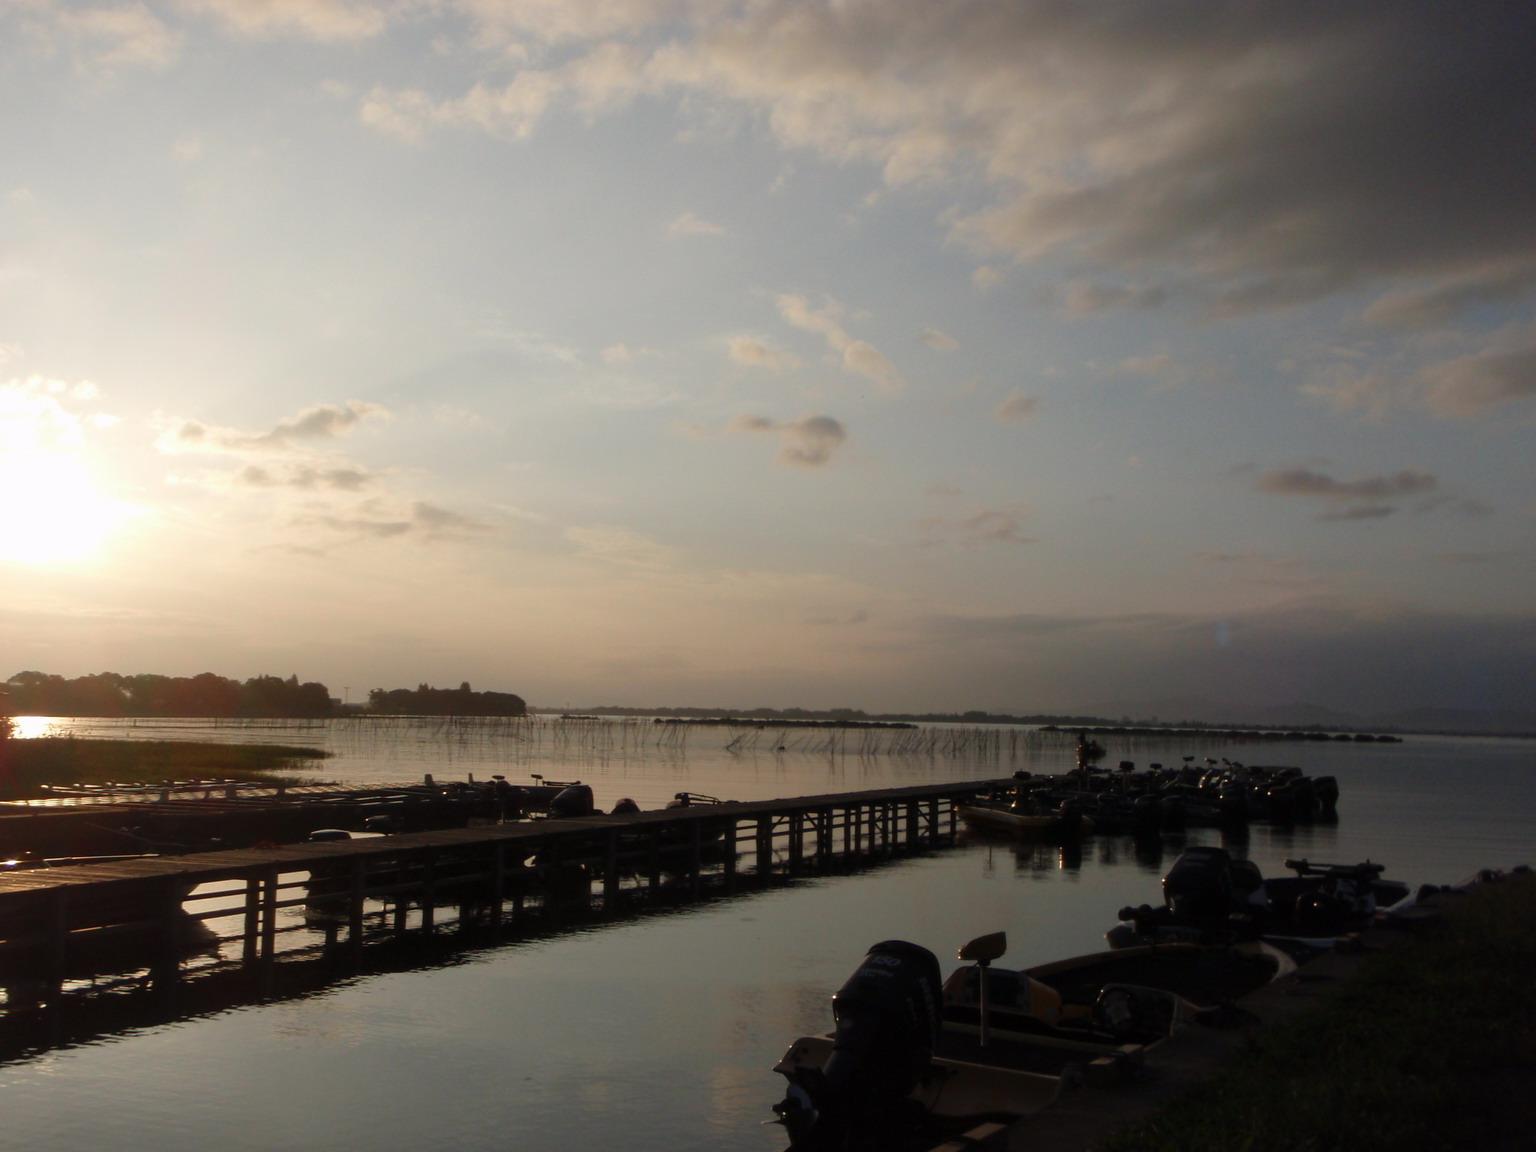 第7回琵琶湖でバスフィッシングを楽しもう会 から (1)_a0153216_22572137.jpg